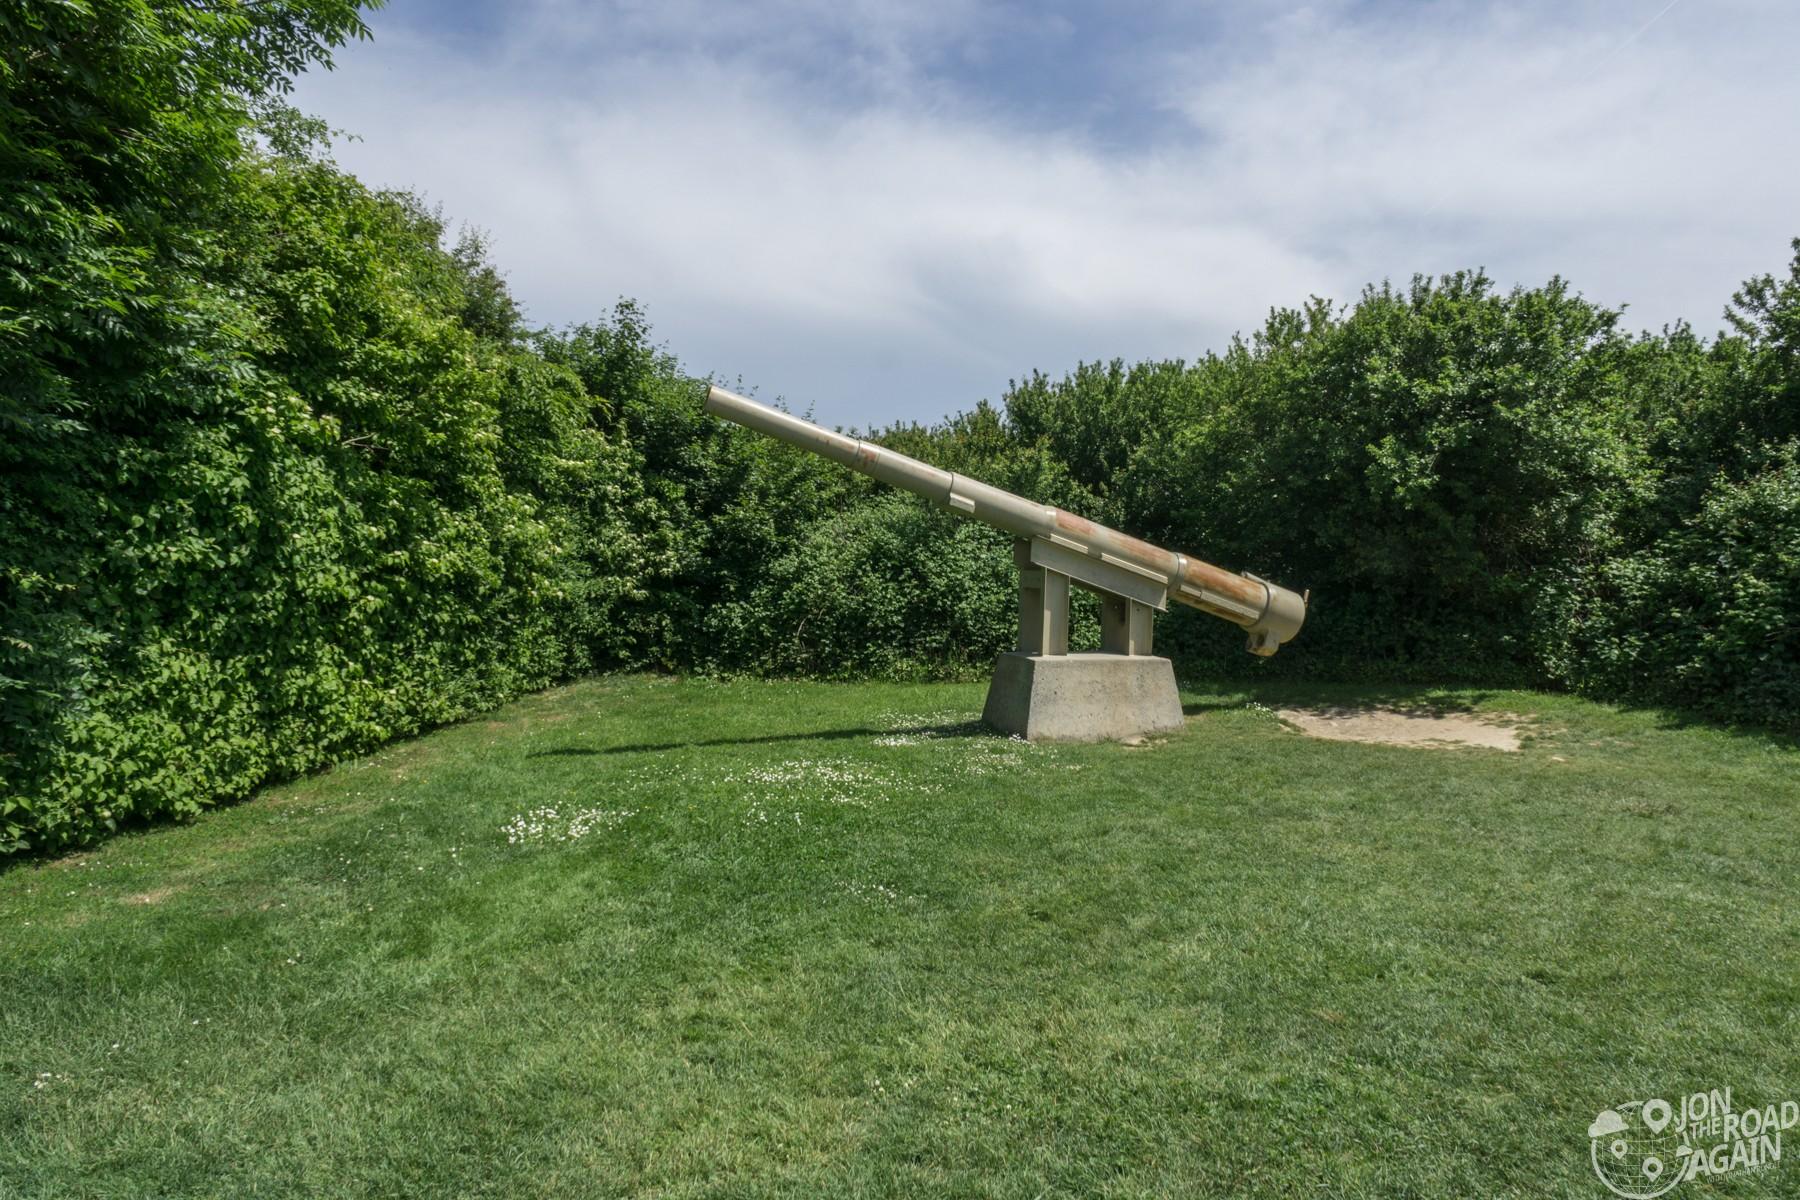 Pointe du Hoc gun